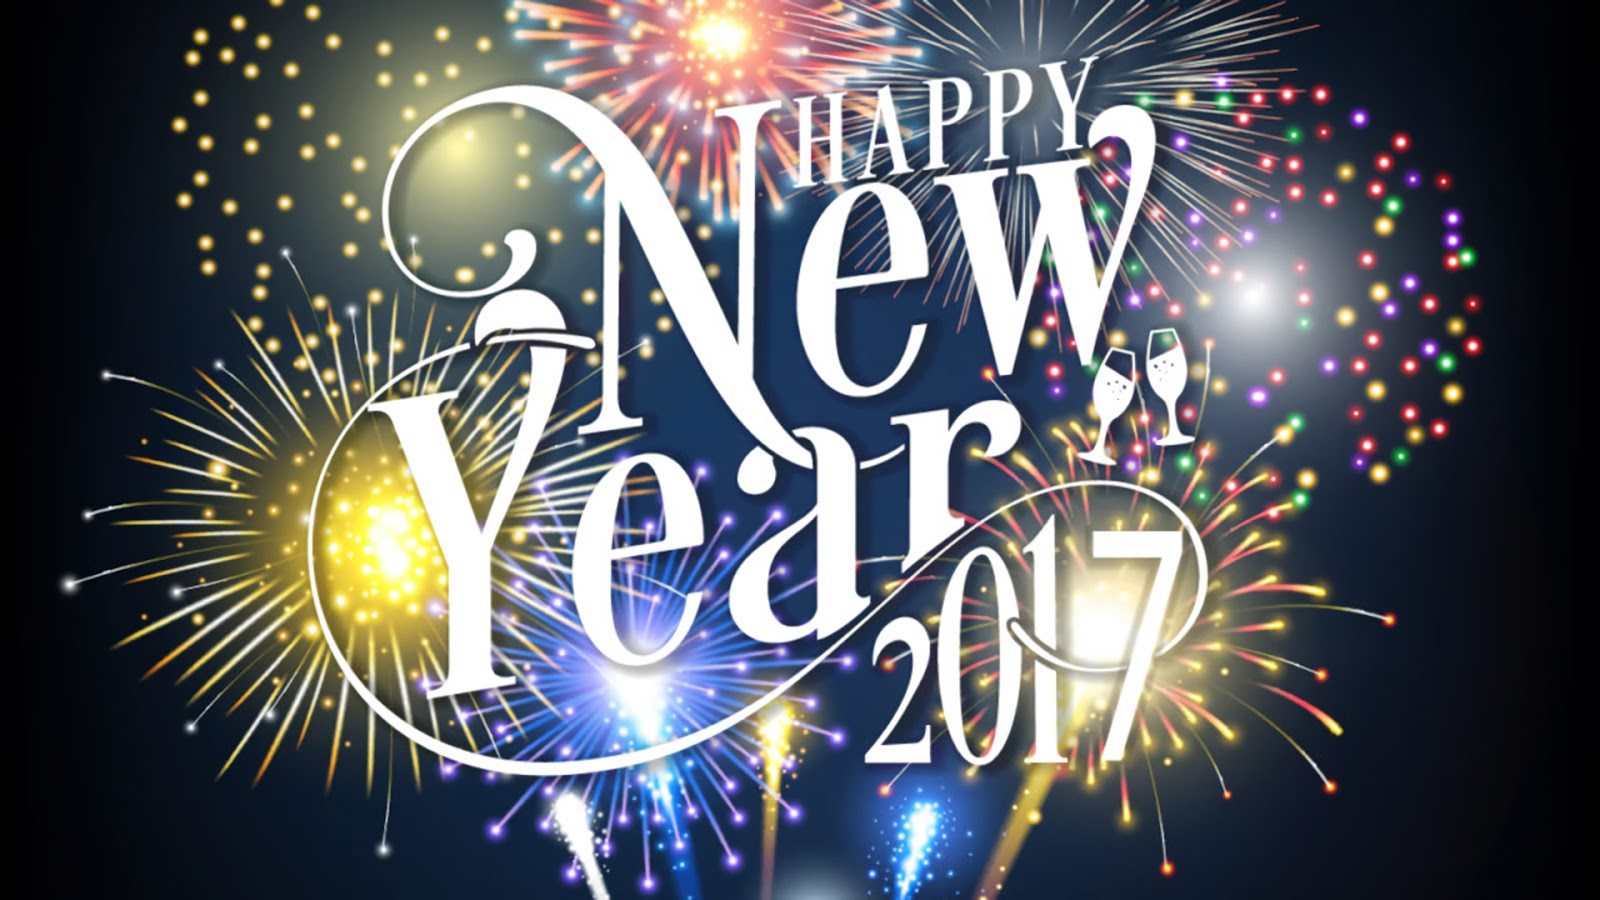 Hình nền tết 2017 đẹp chào đón năm mới - hình 13